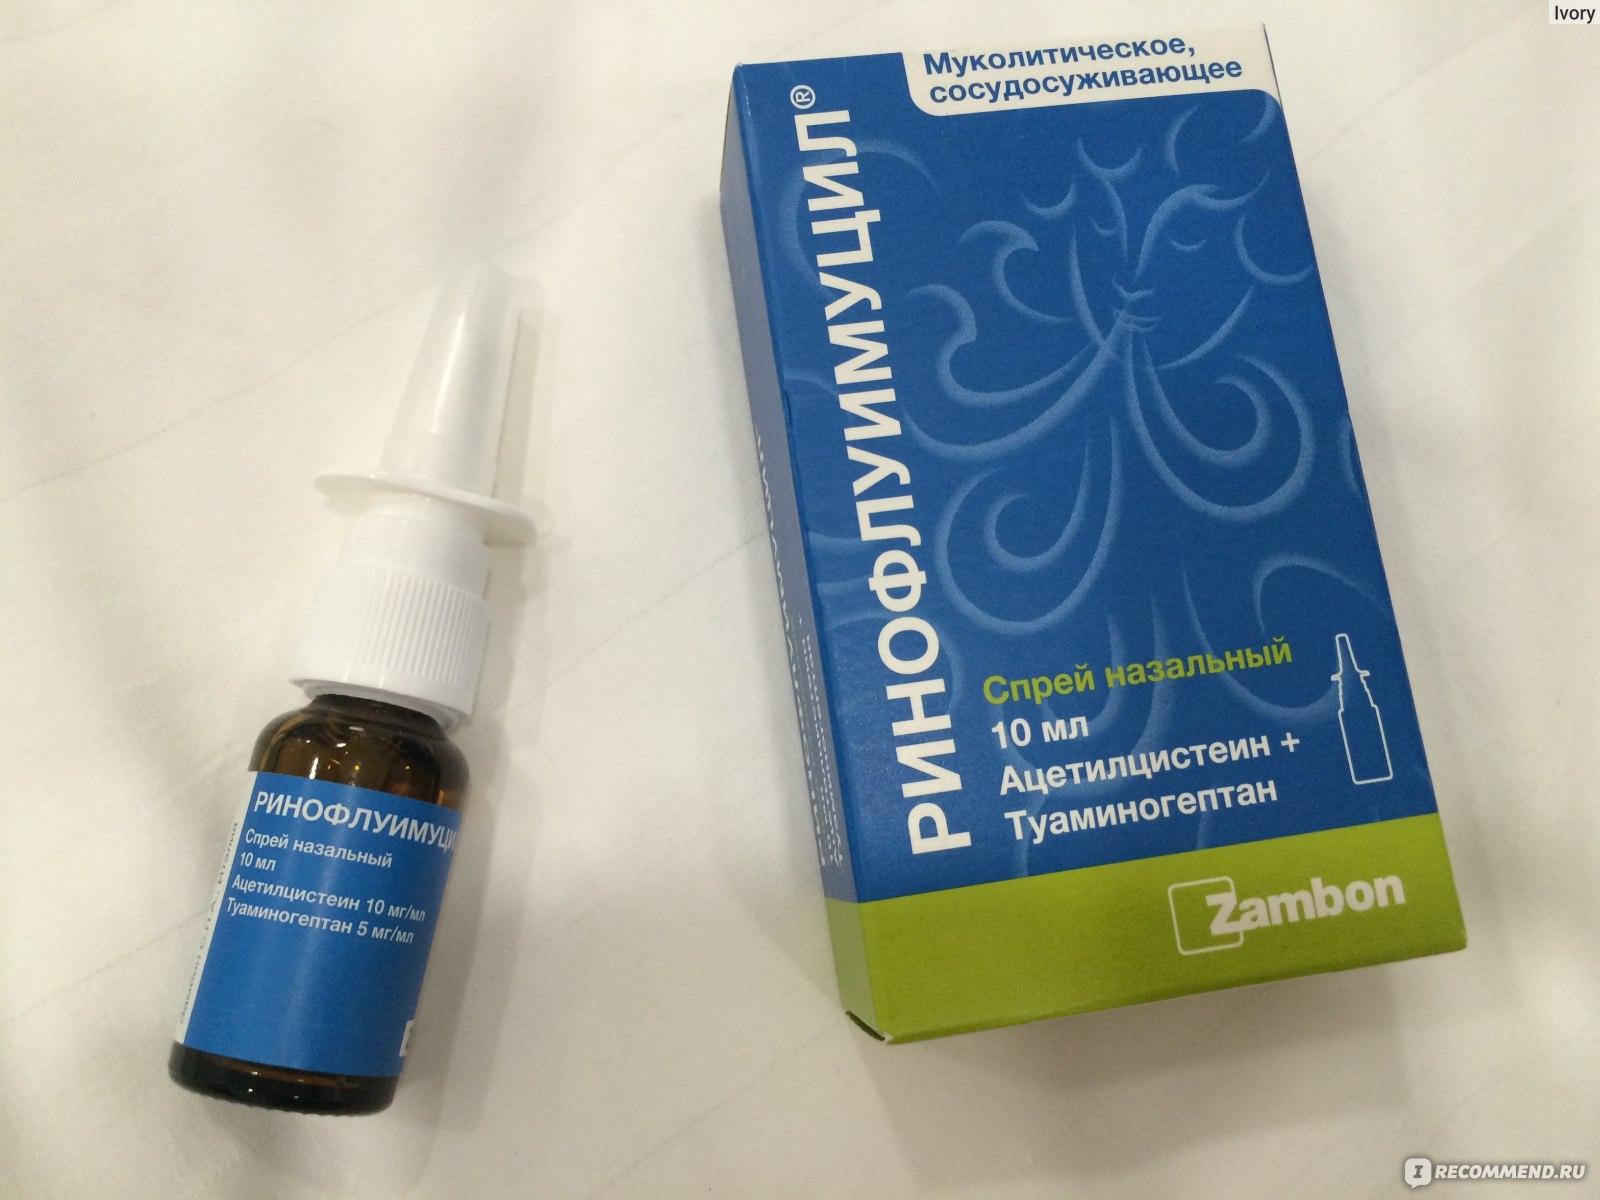 Ринофлуимуцил: инструкция по применению спрея для носа, цена